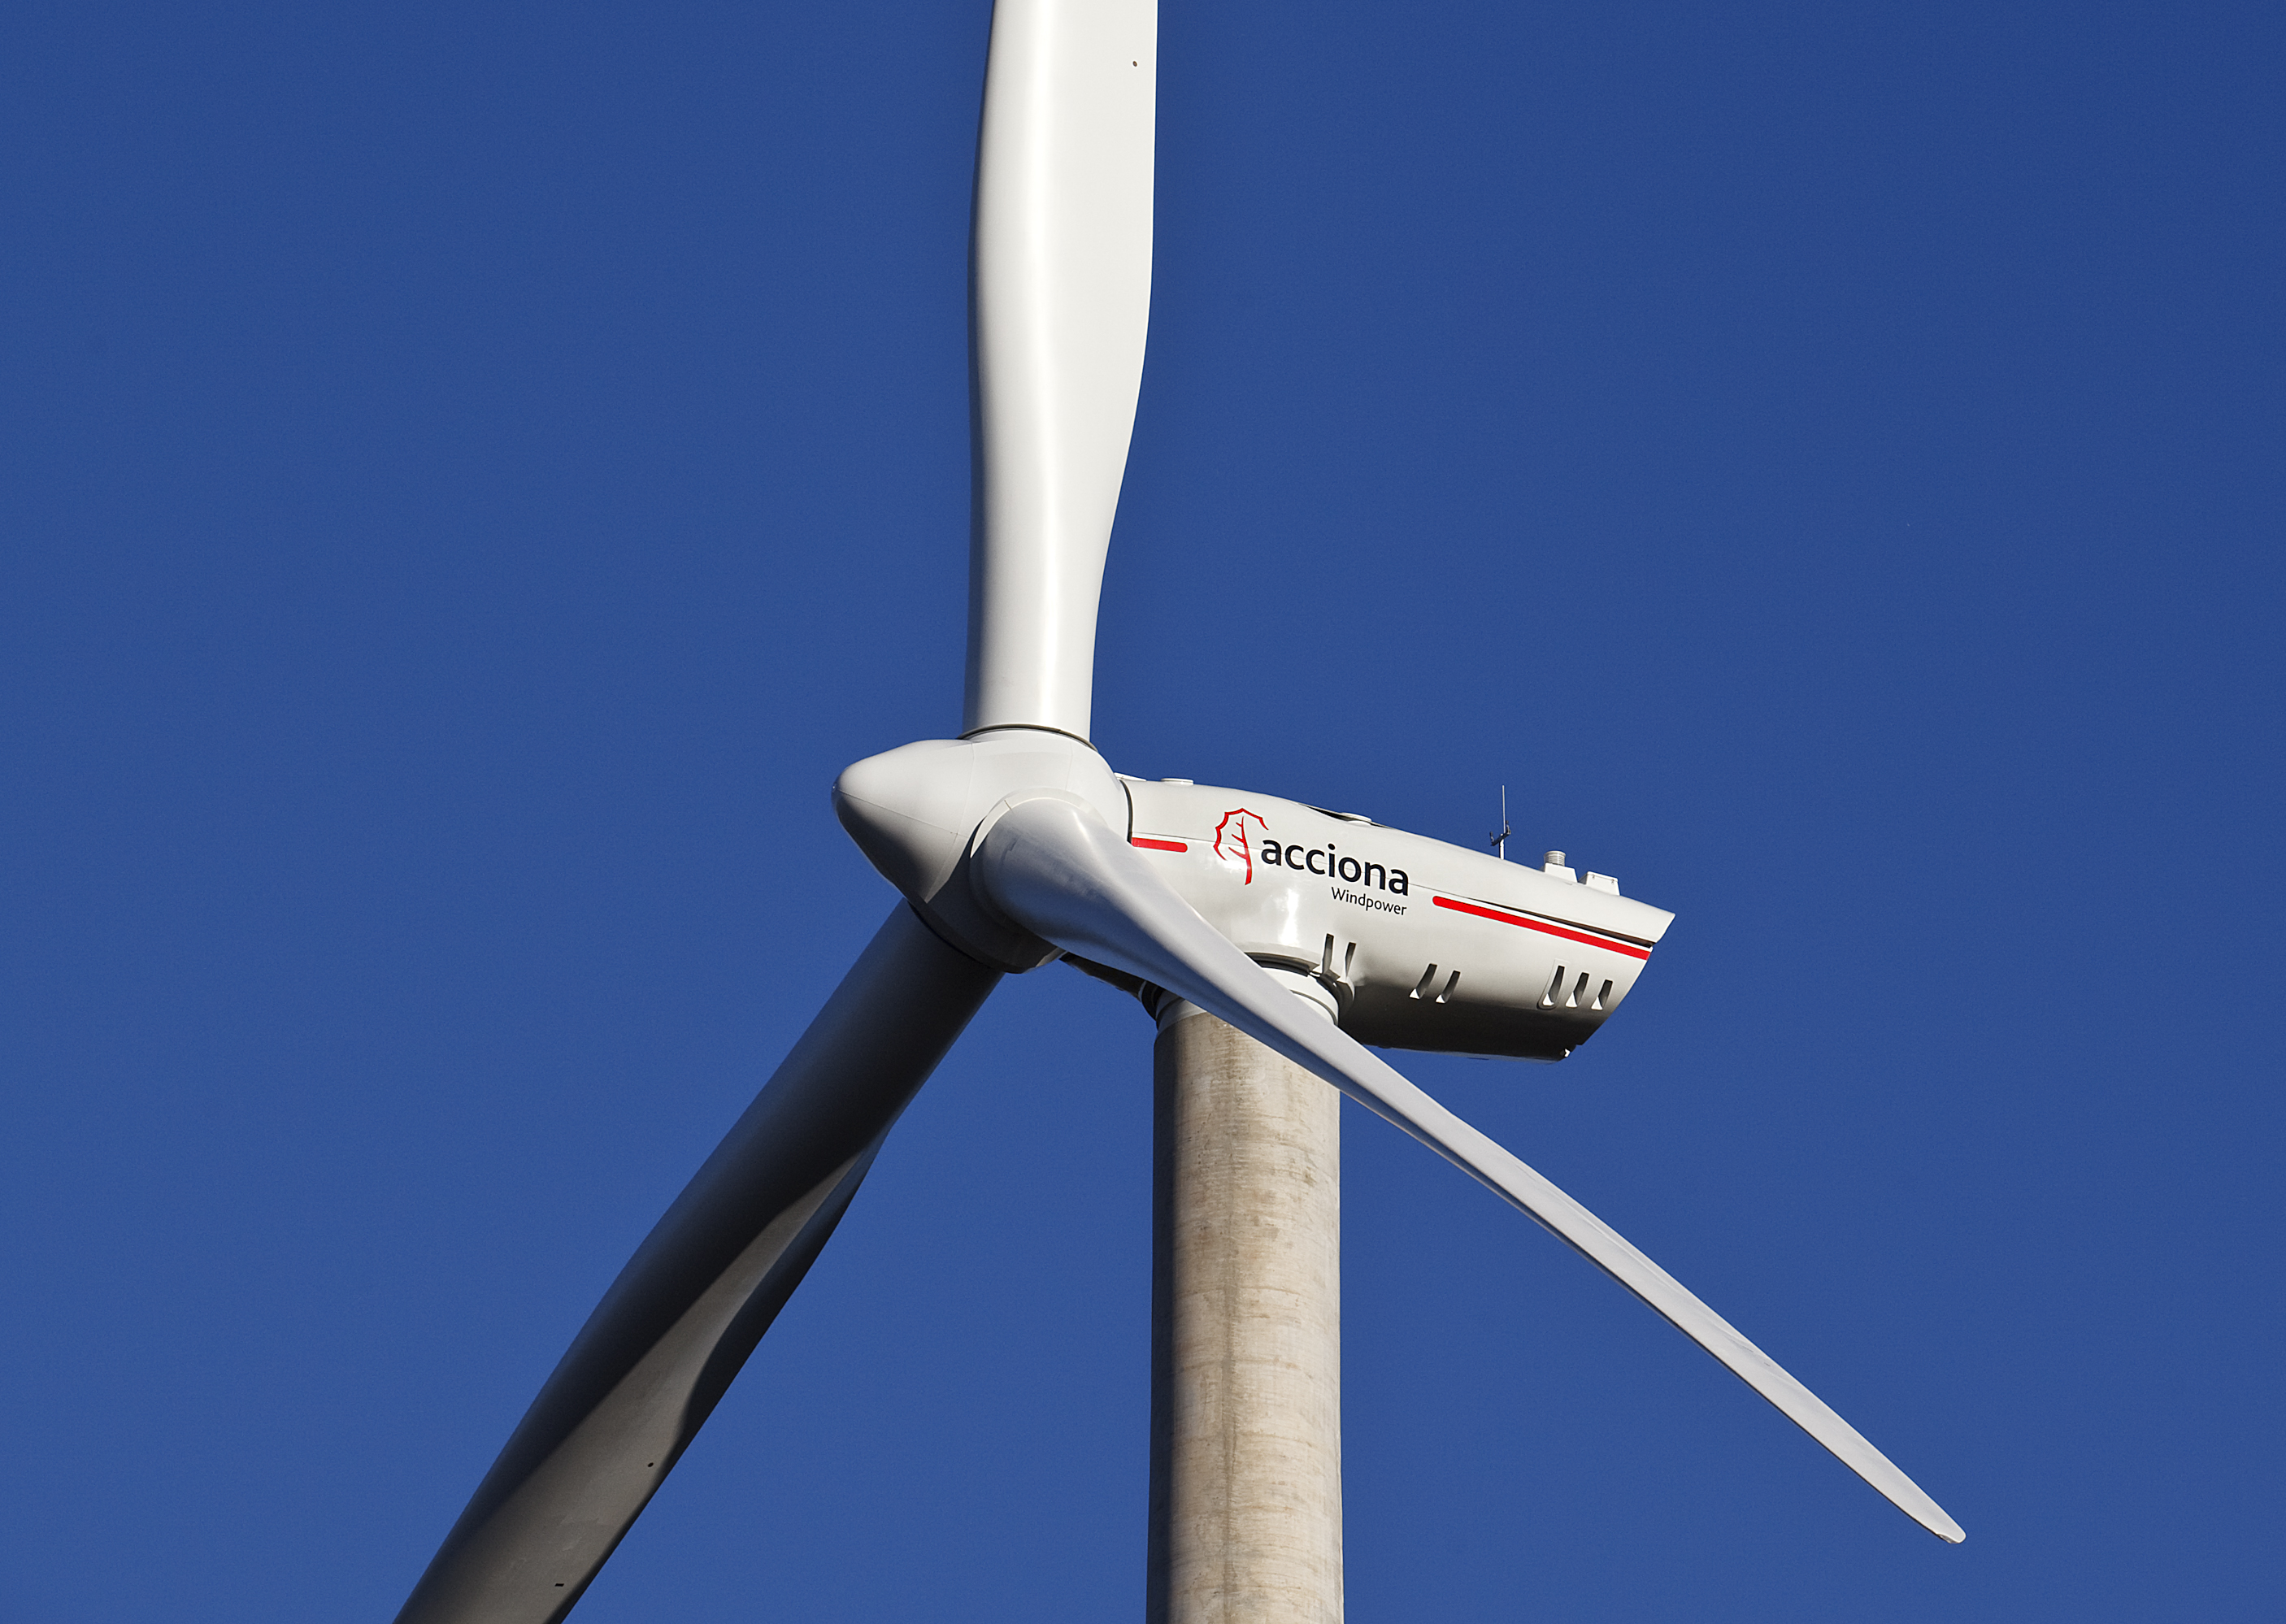 Eólica y energías renovables: Acciona vende un parque eólico con 41 aerogeneradores en Corea